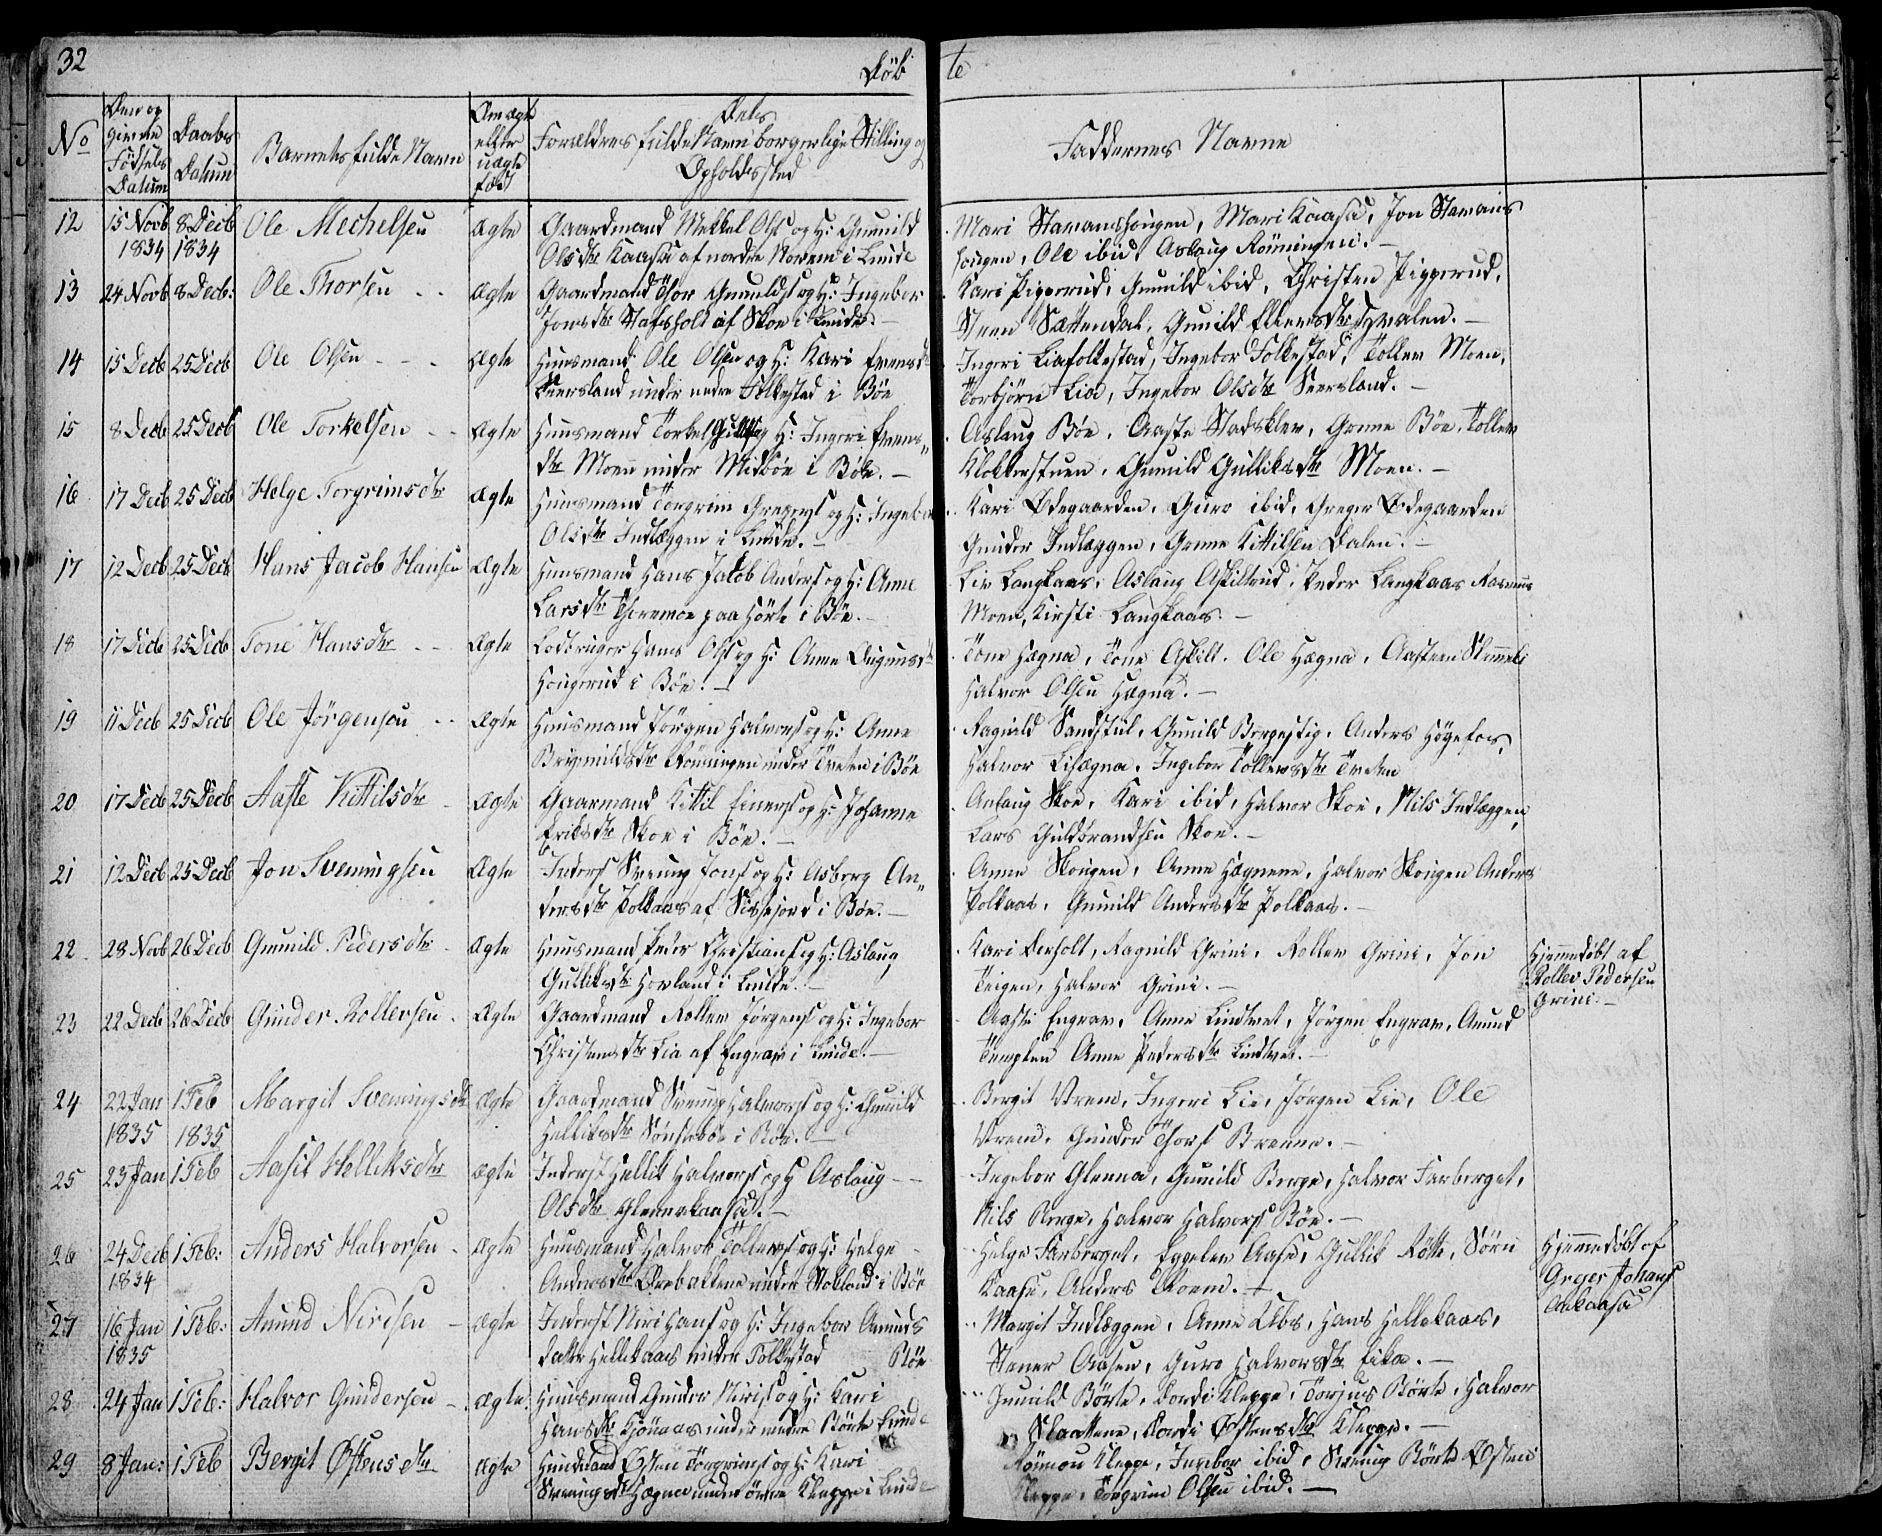 SAKO, Bø kirkebøker, F/Fa/L0007: Ministerialbok nr. 7, 1831-1848, s. 32